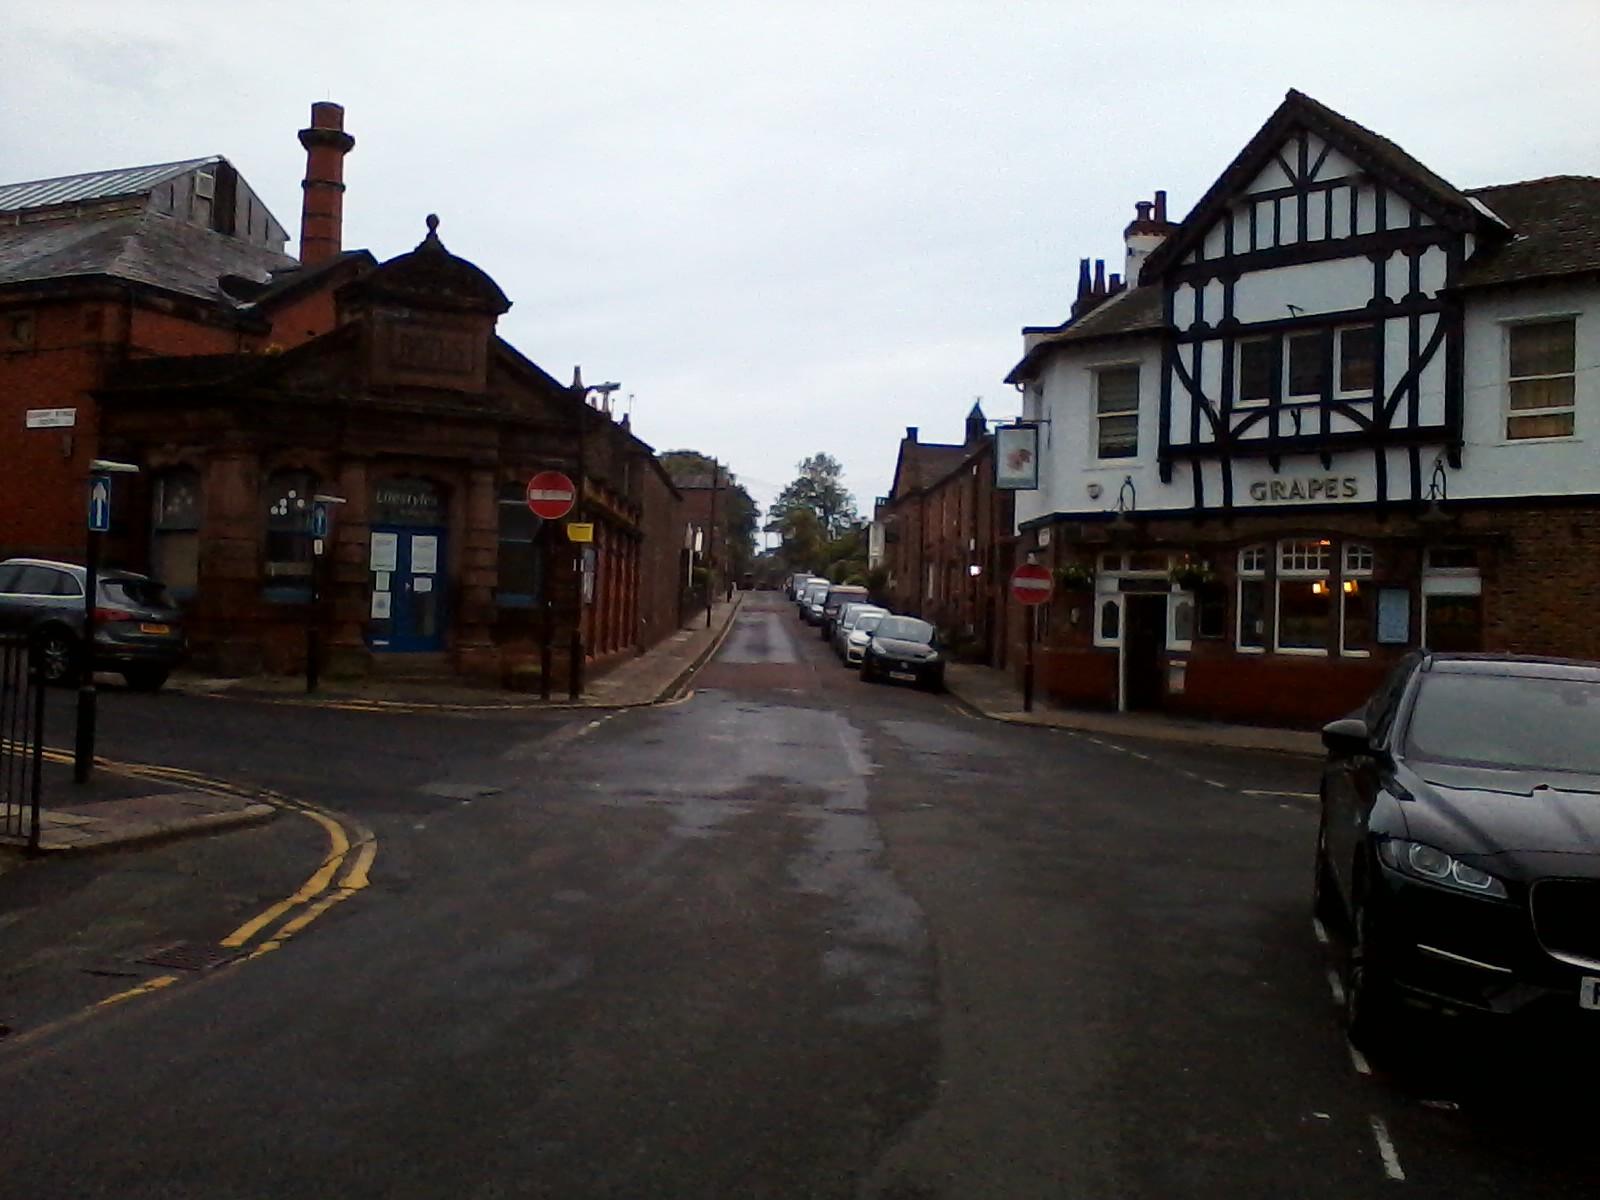 Woolton Village